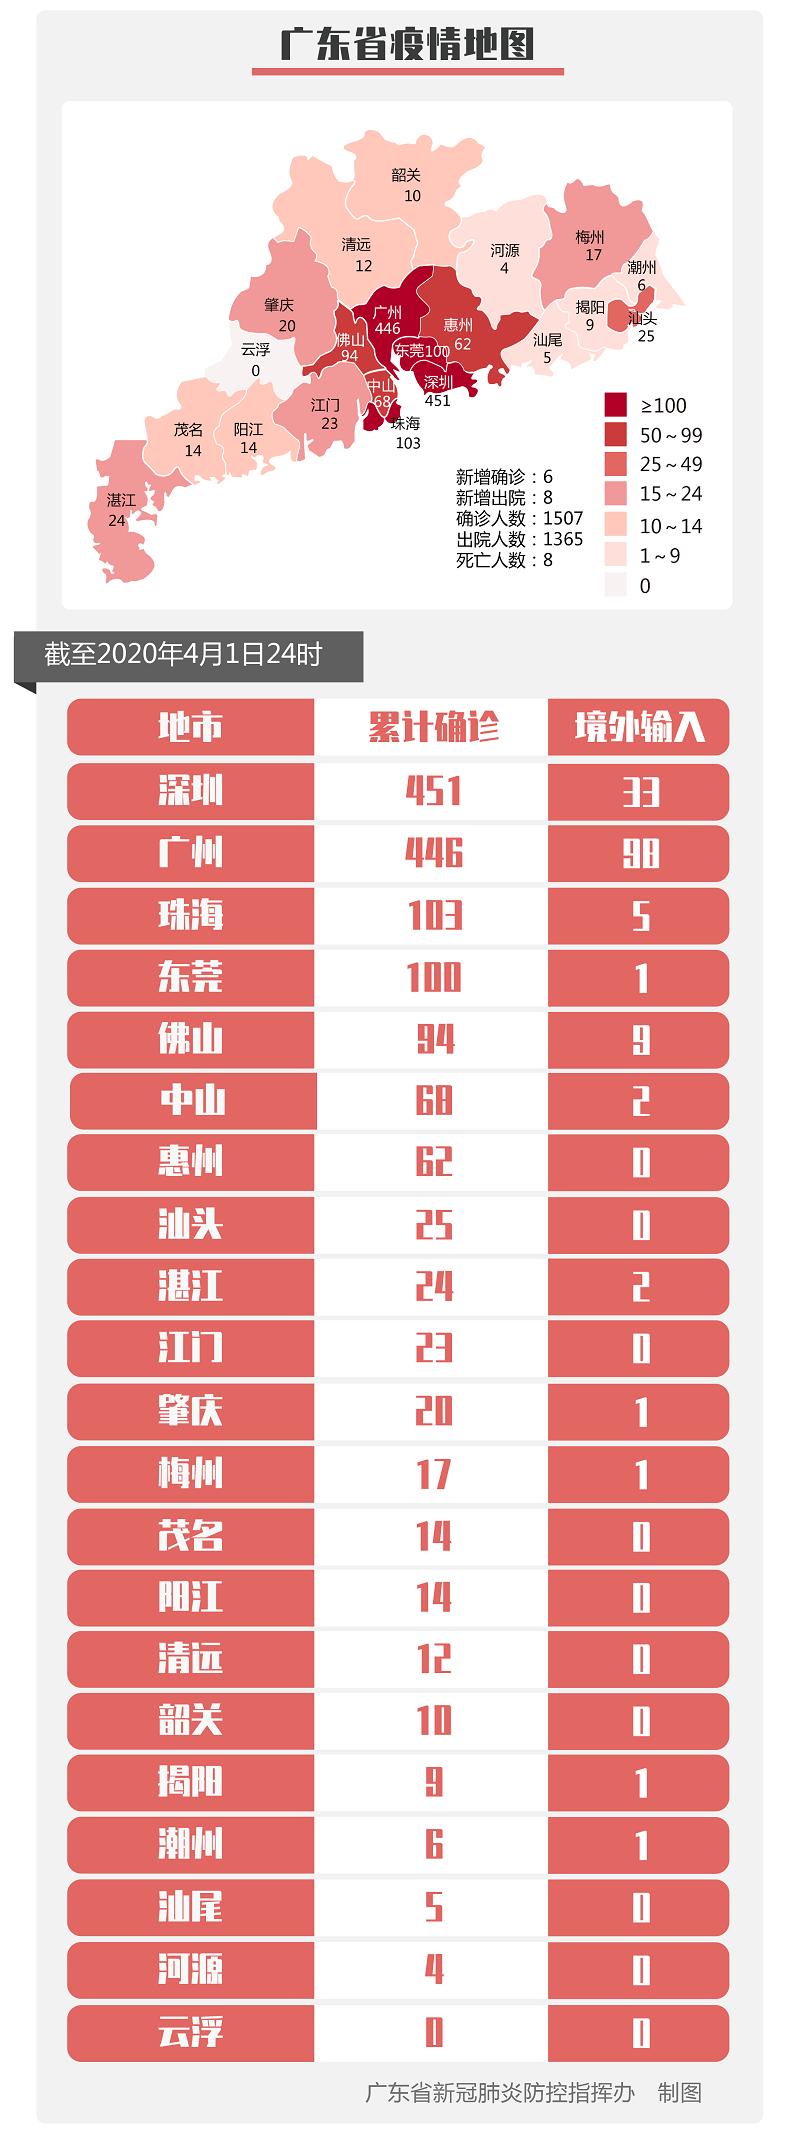 4月2日广东新型冠状病毒感染肺炎疫情通报